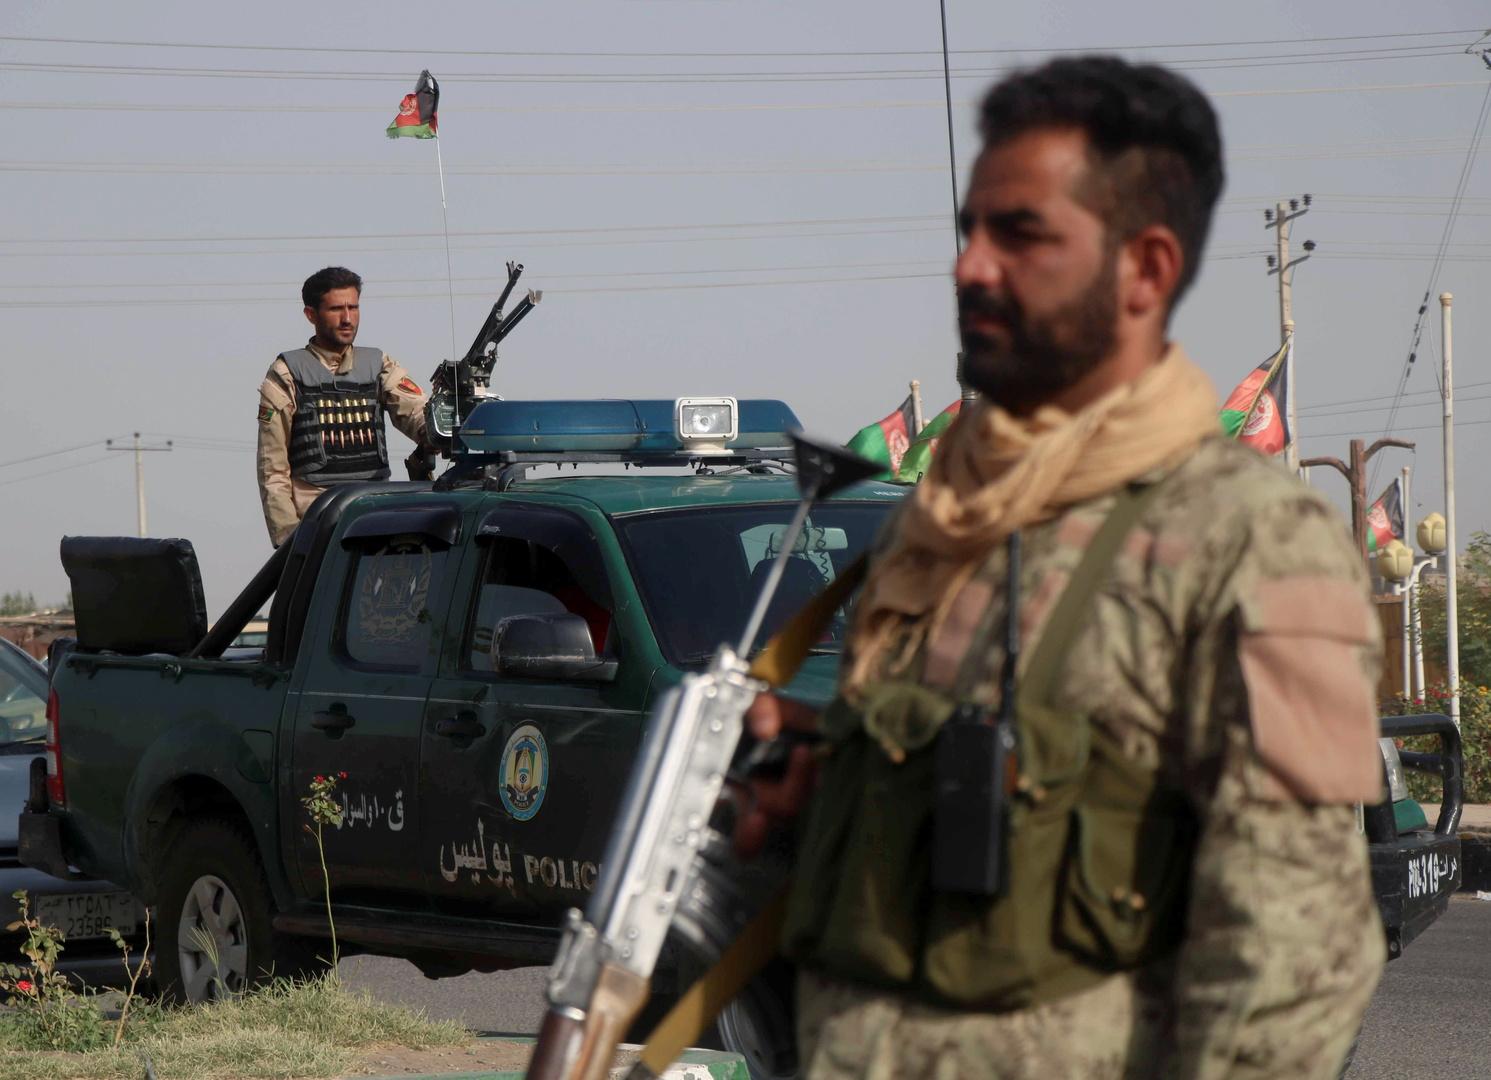 قوات الأمن الأفغانية تراقب عند نقطة تفتيش في منطقة غوزارا بإقليم هرات